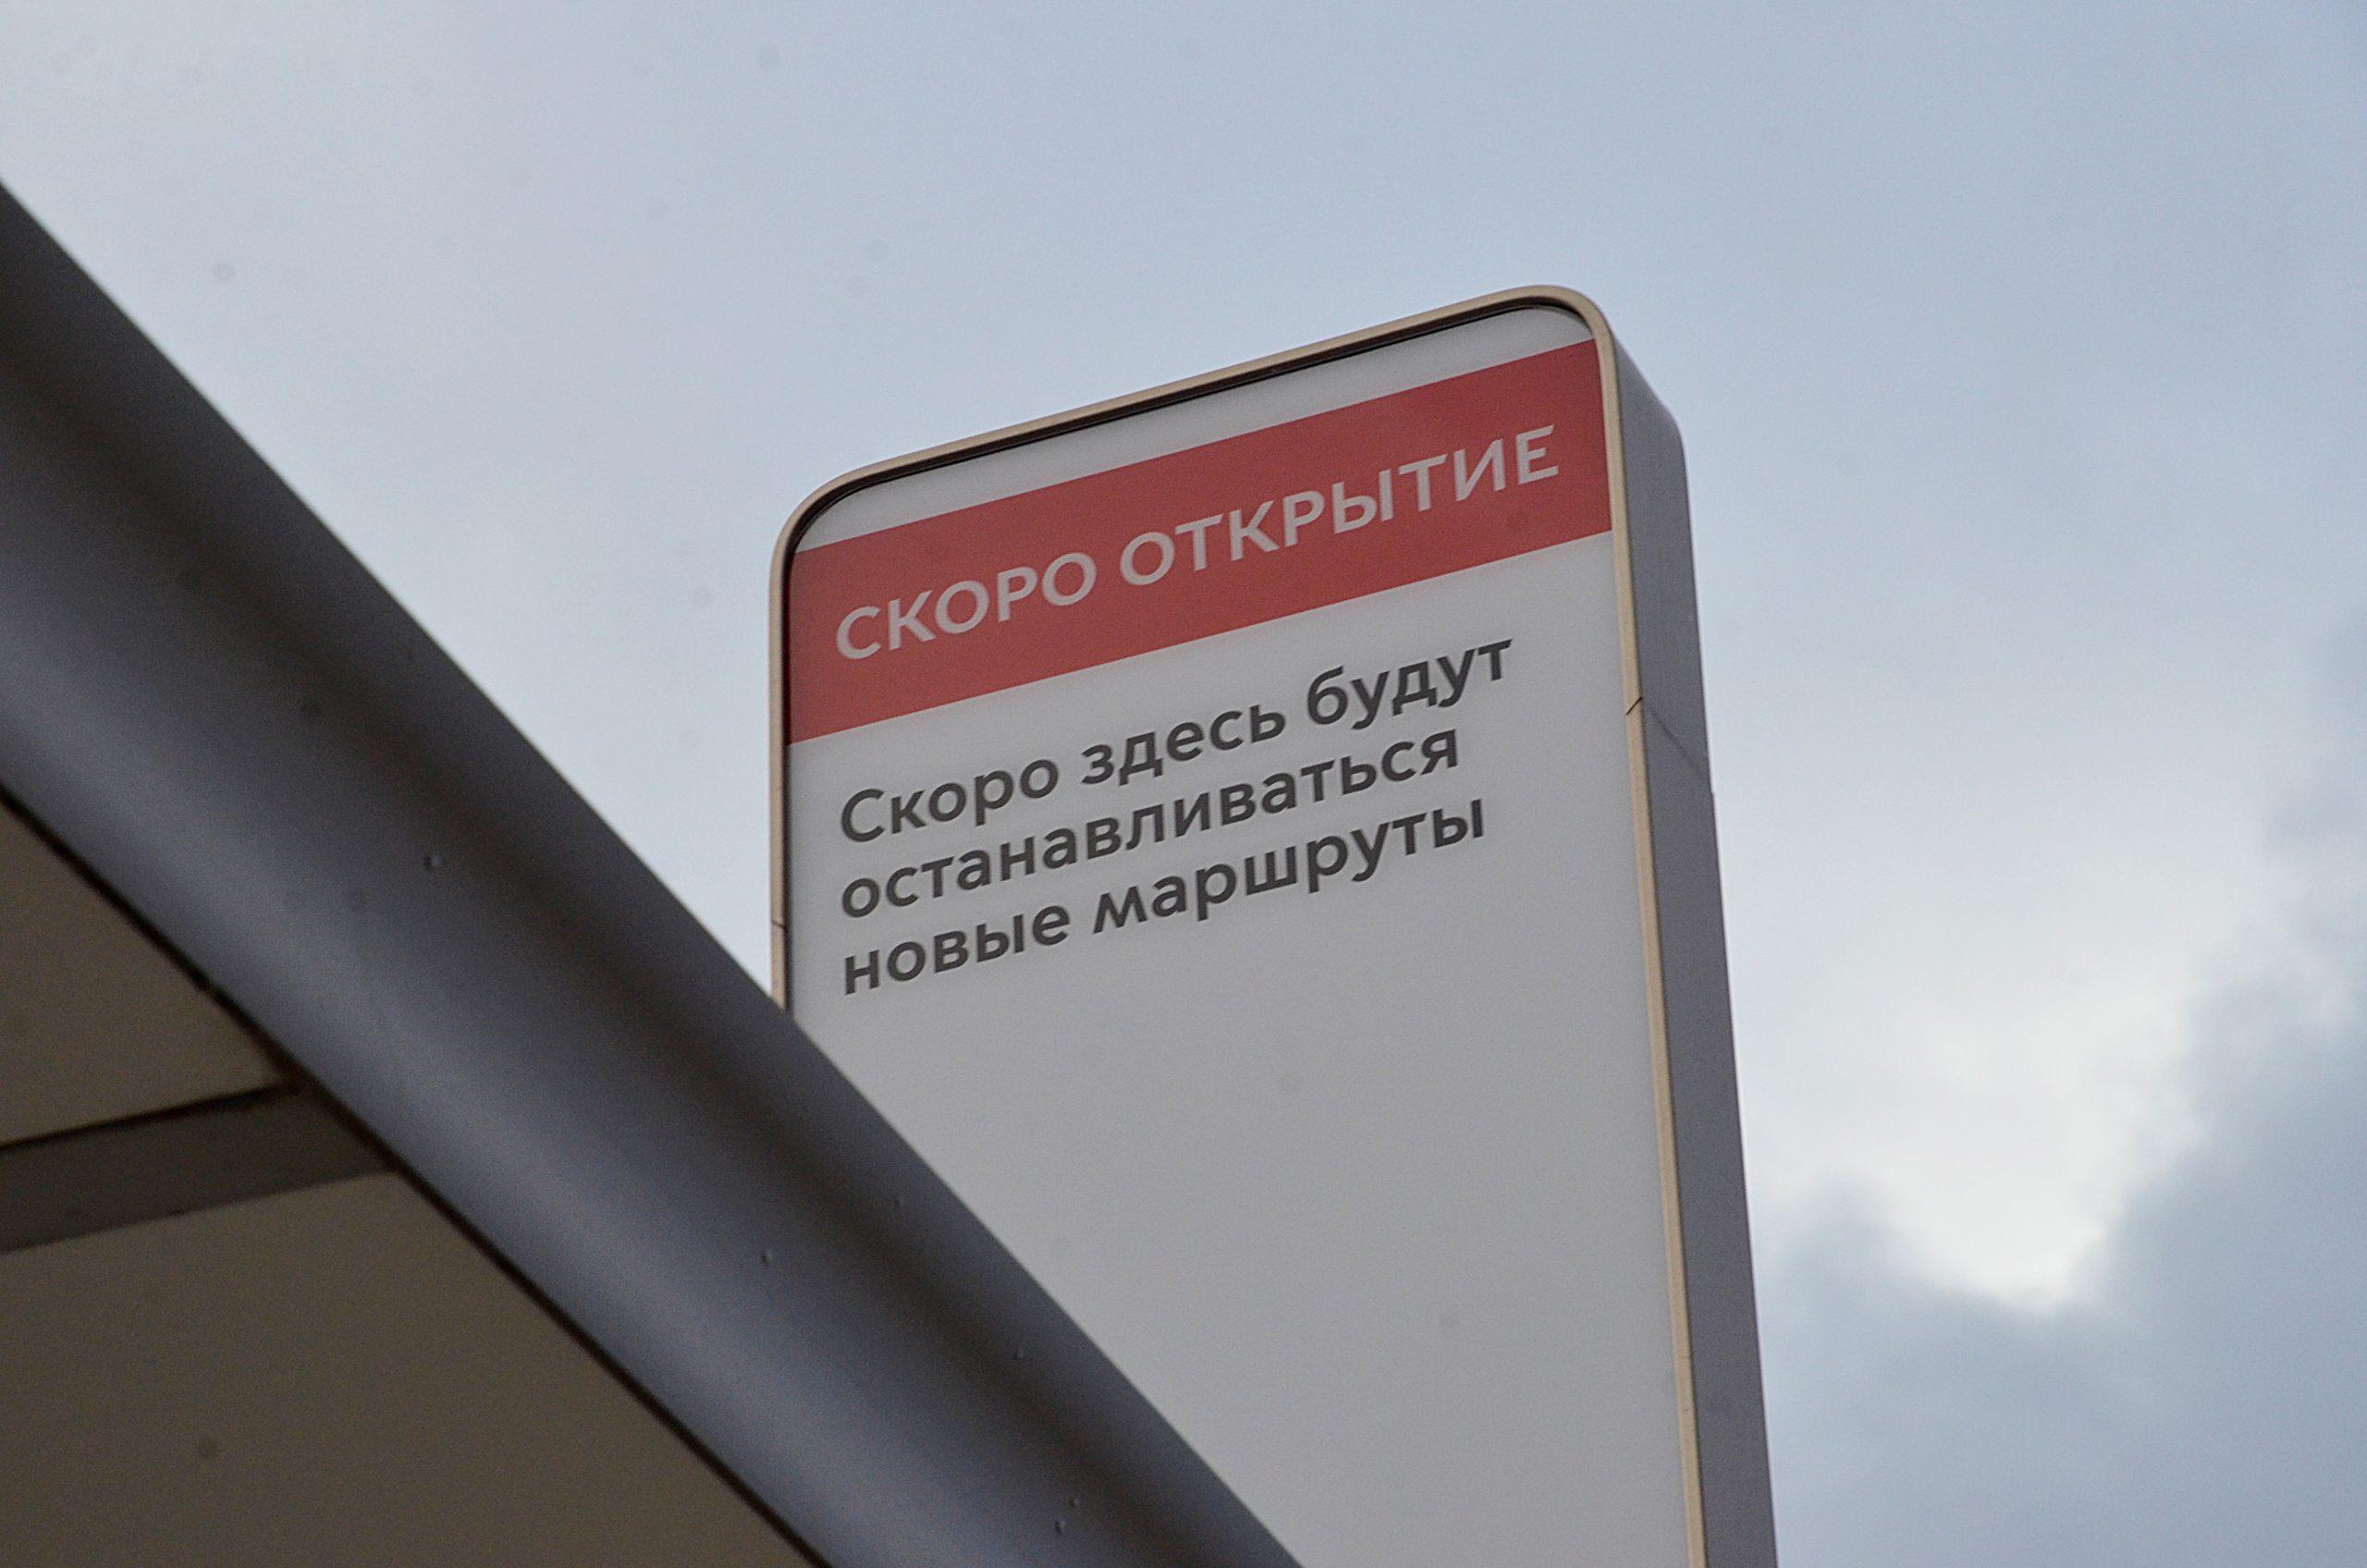 Обновленный маршрут общественного транспорта появится в Вороновском. Фото: Анна Быкова